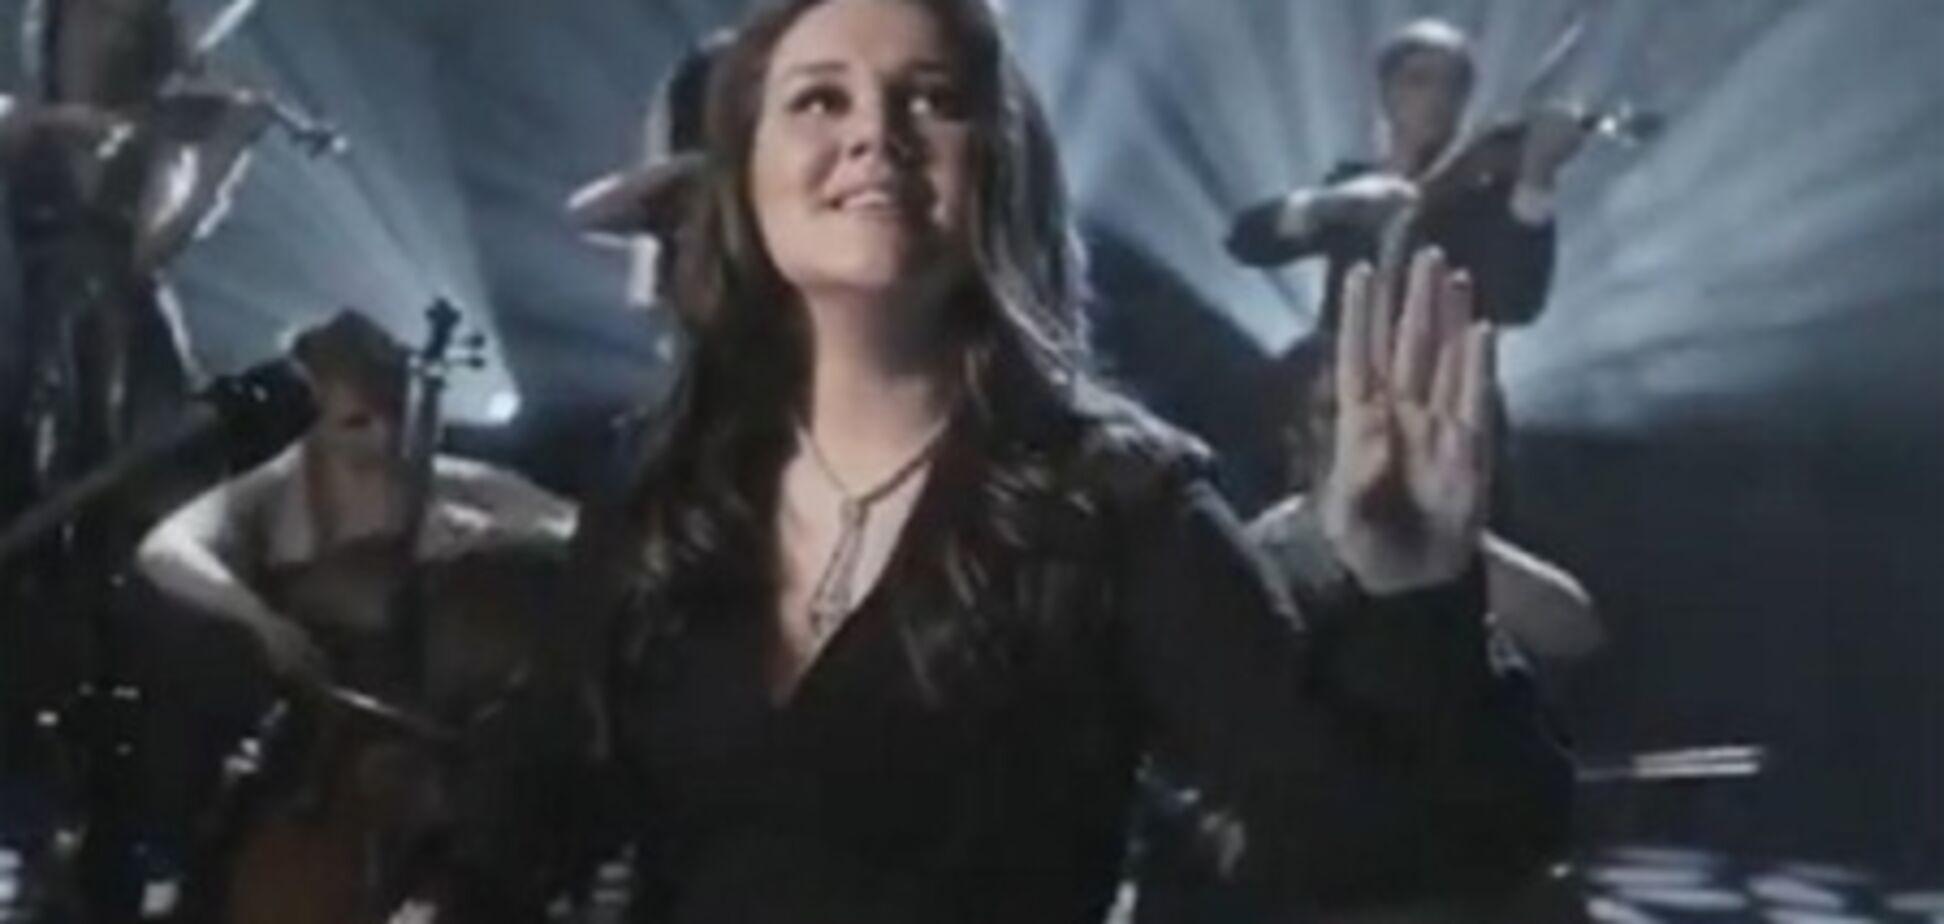 Участница от России выпустила клип для Евровидения. Видео